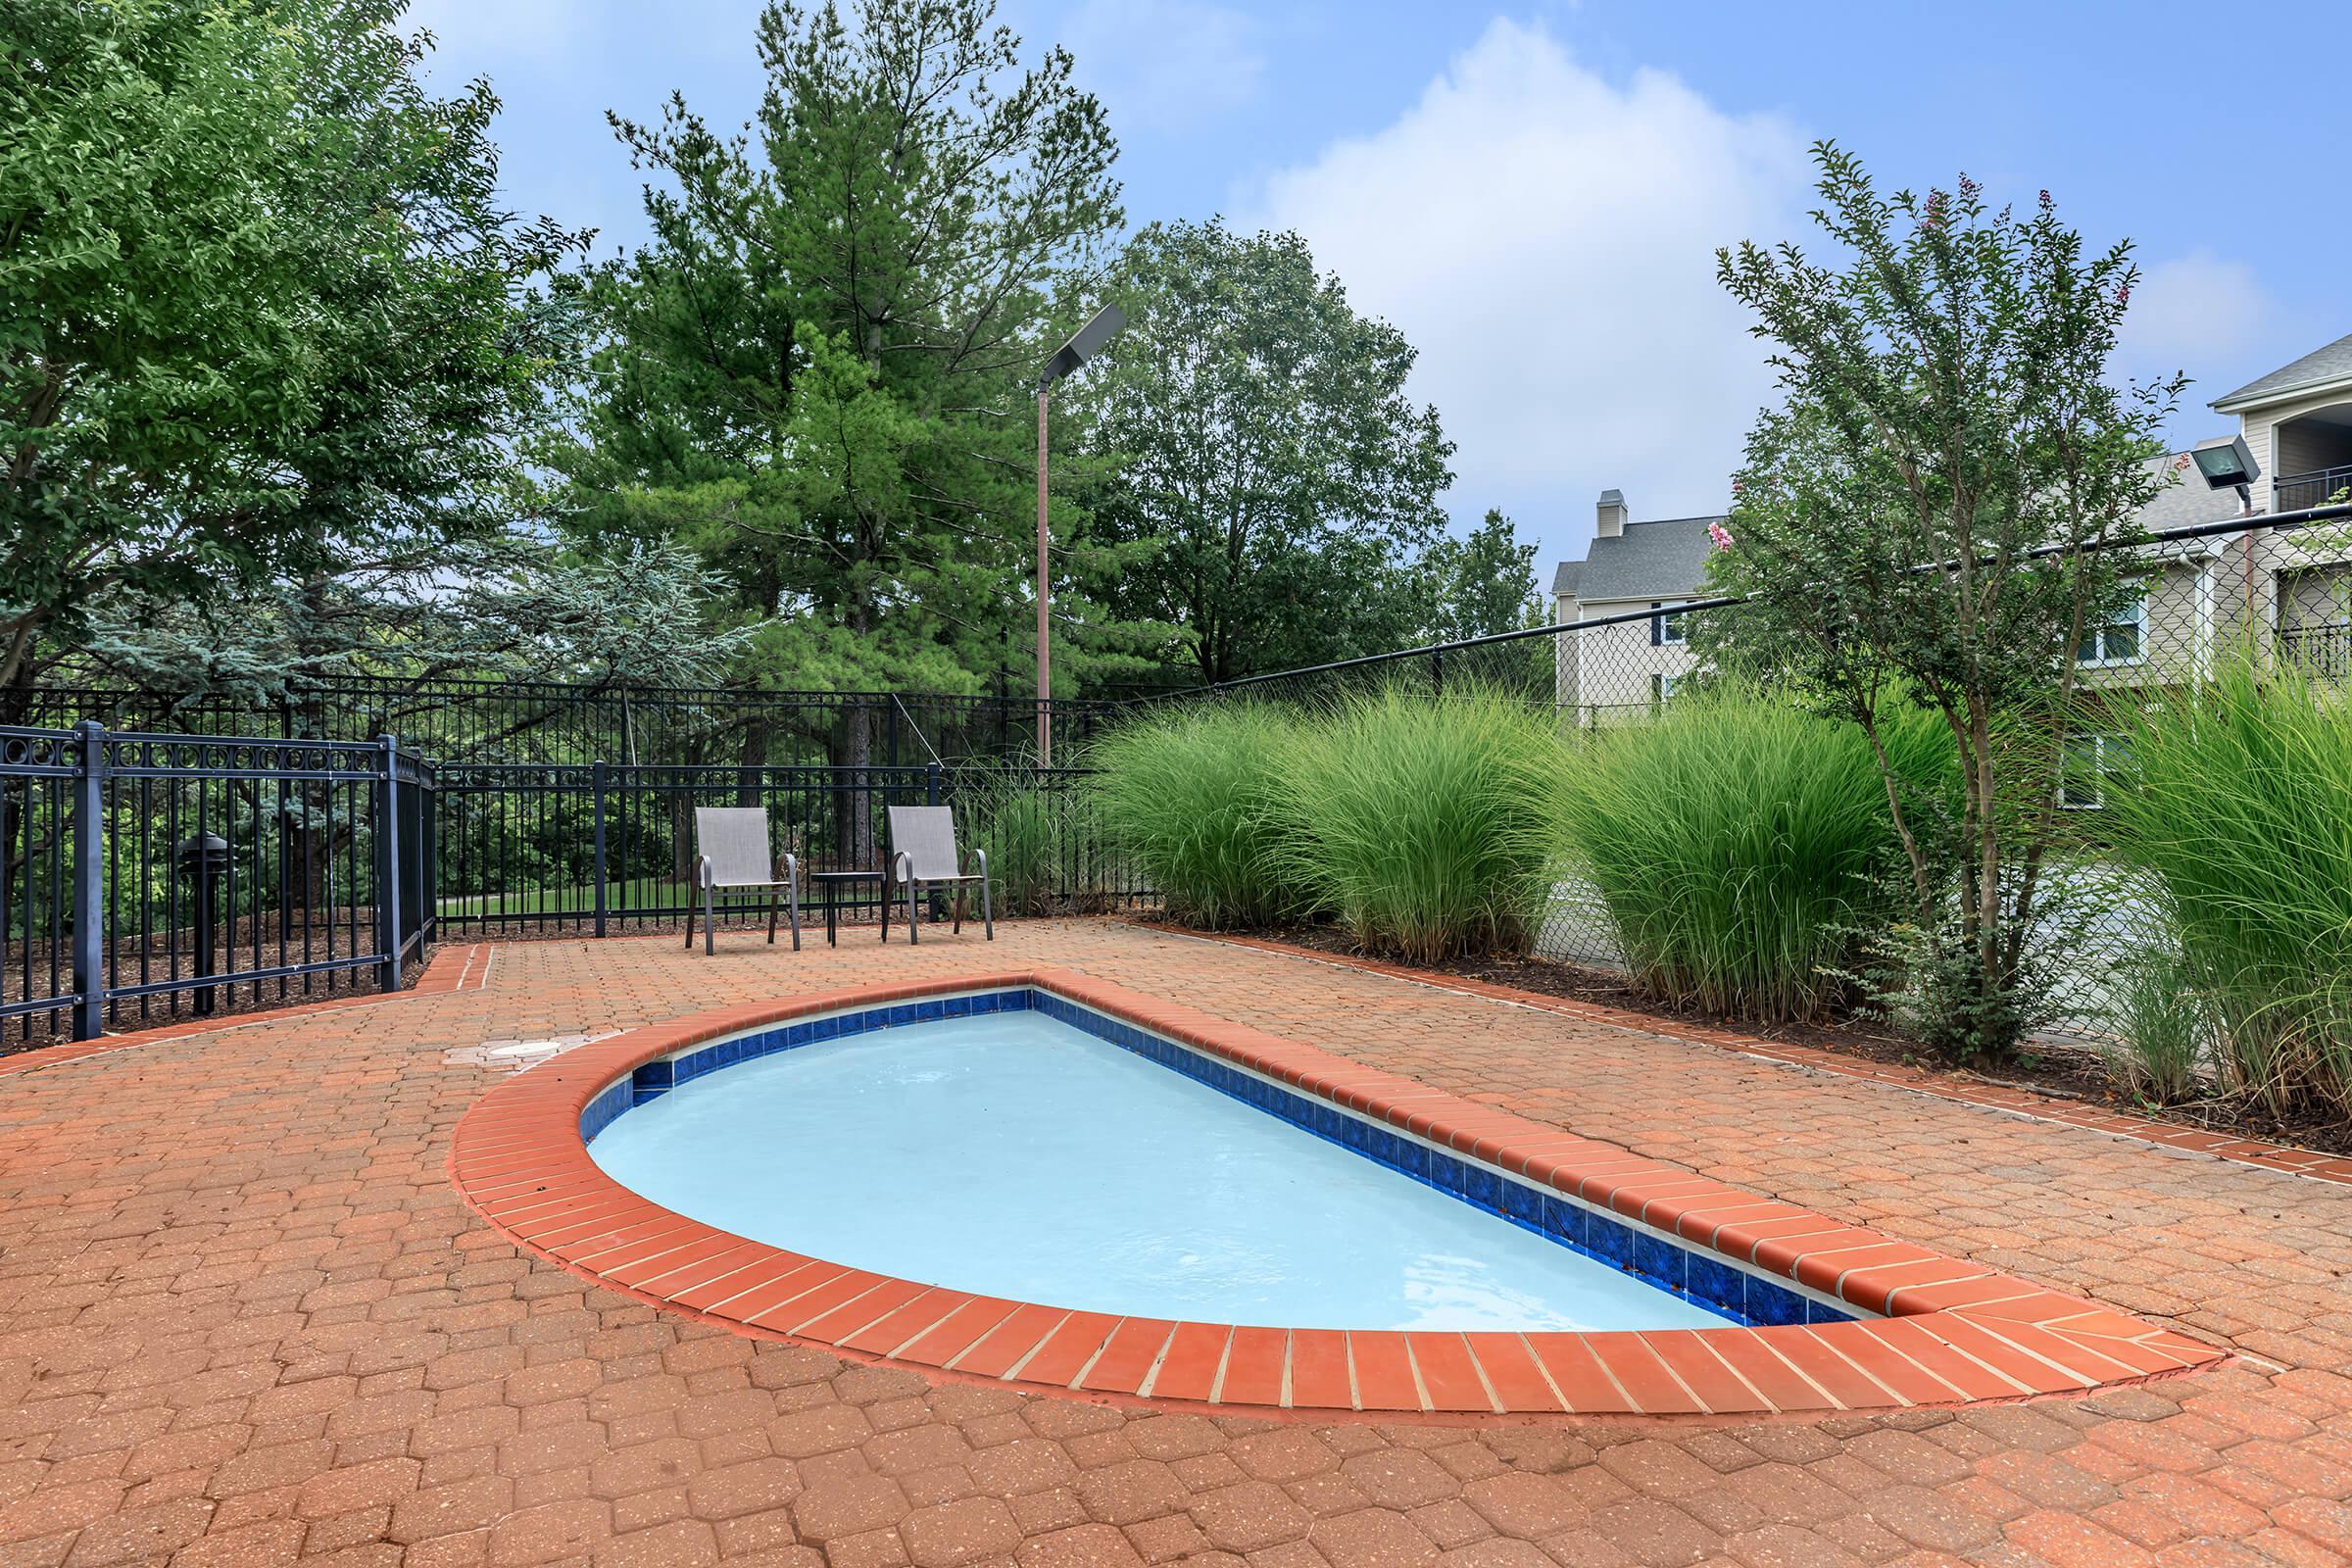 Pool at Loudoun Heightsin Ashburn VA